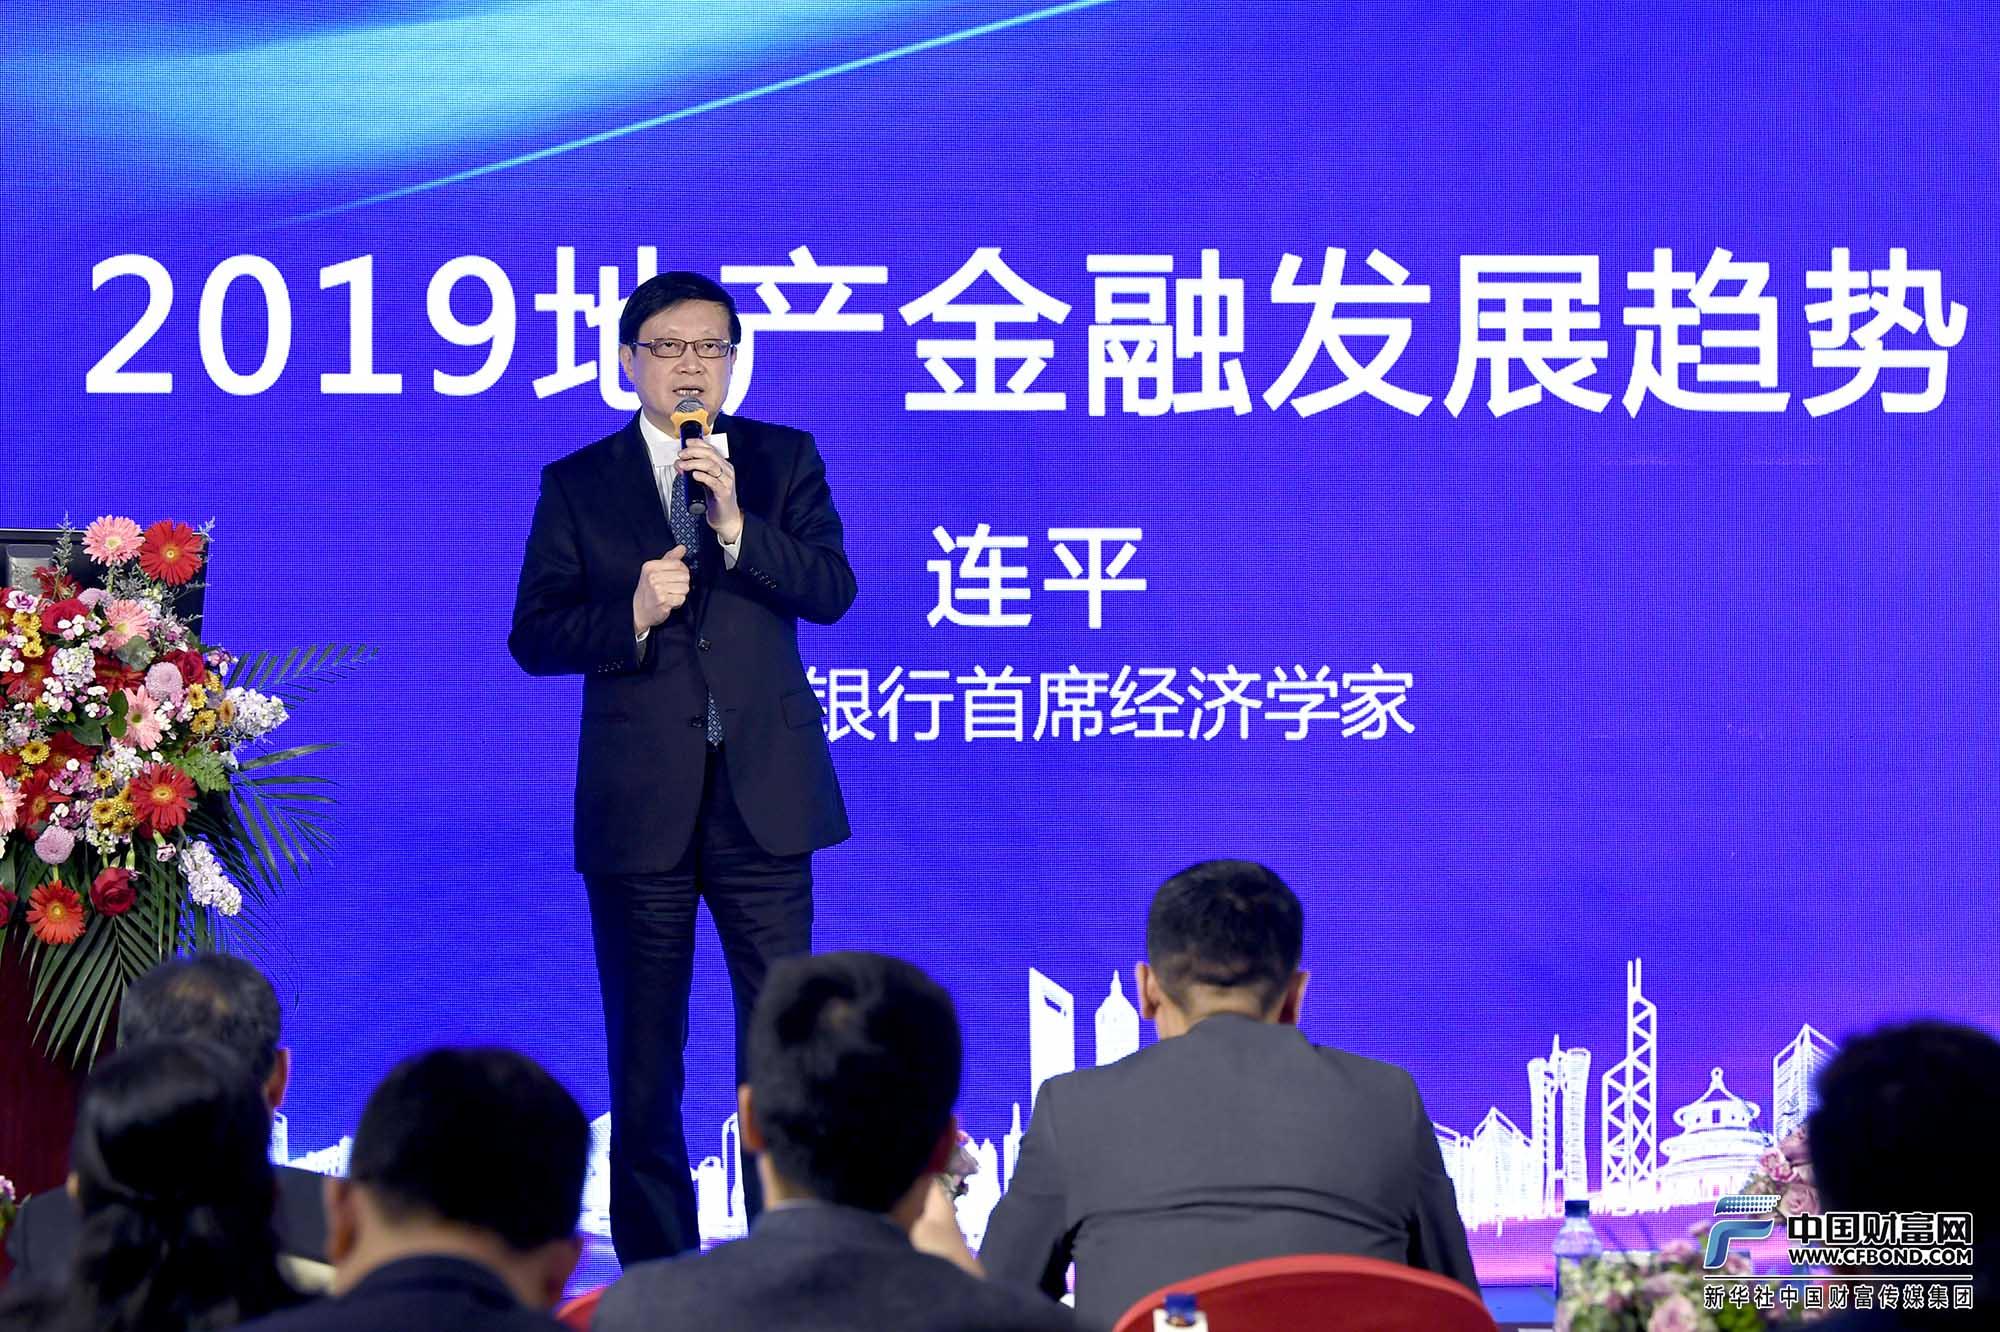 主题演讲:交通银行首席经济学家连平